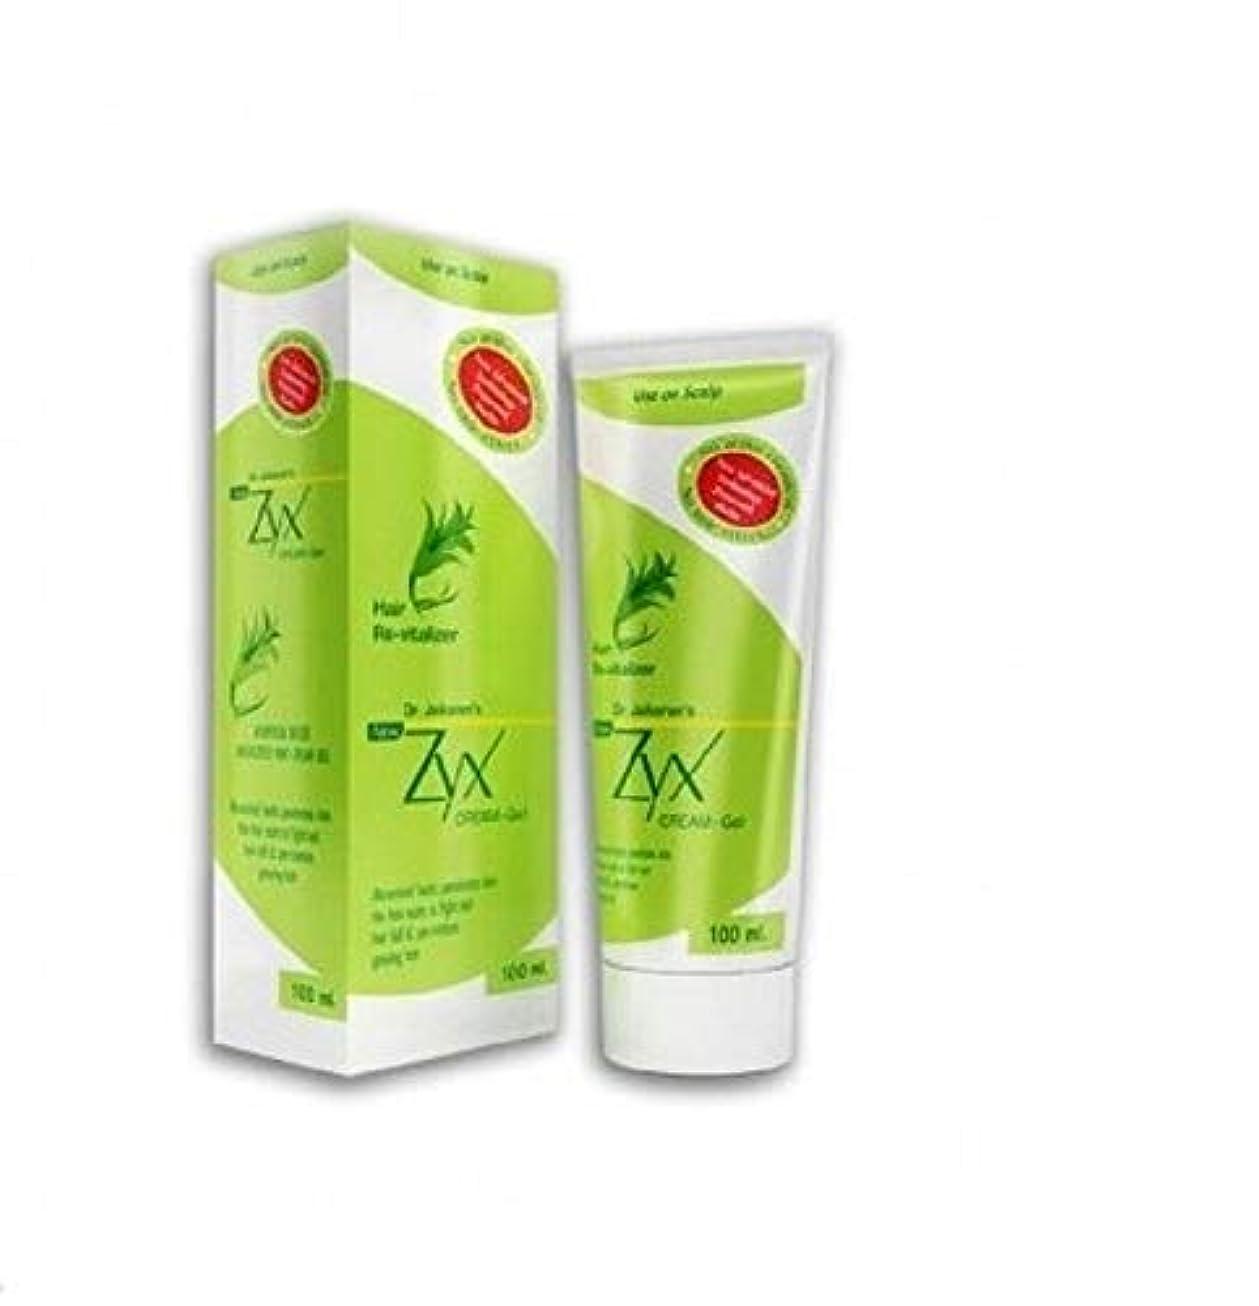 書店才能墓Hair Cream Gel Zyx ヘアクリームジェル 100ml 100% Natural for prevention of Hair related problems 髪の毛の問題を予防するための100%ナチュラル